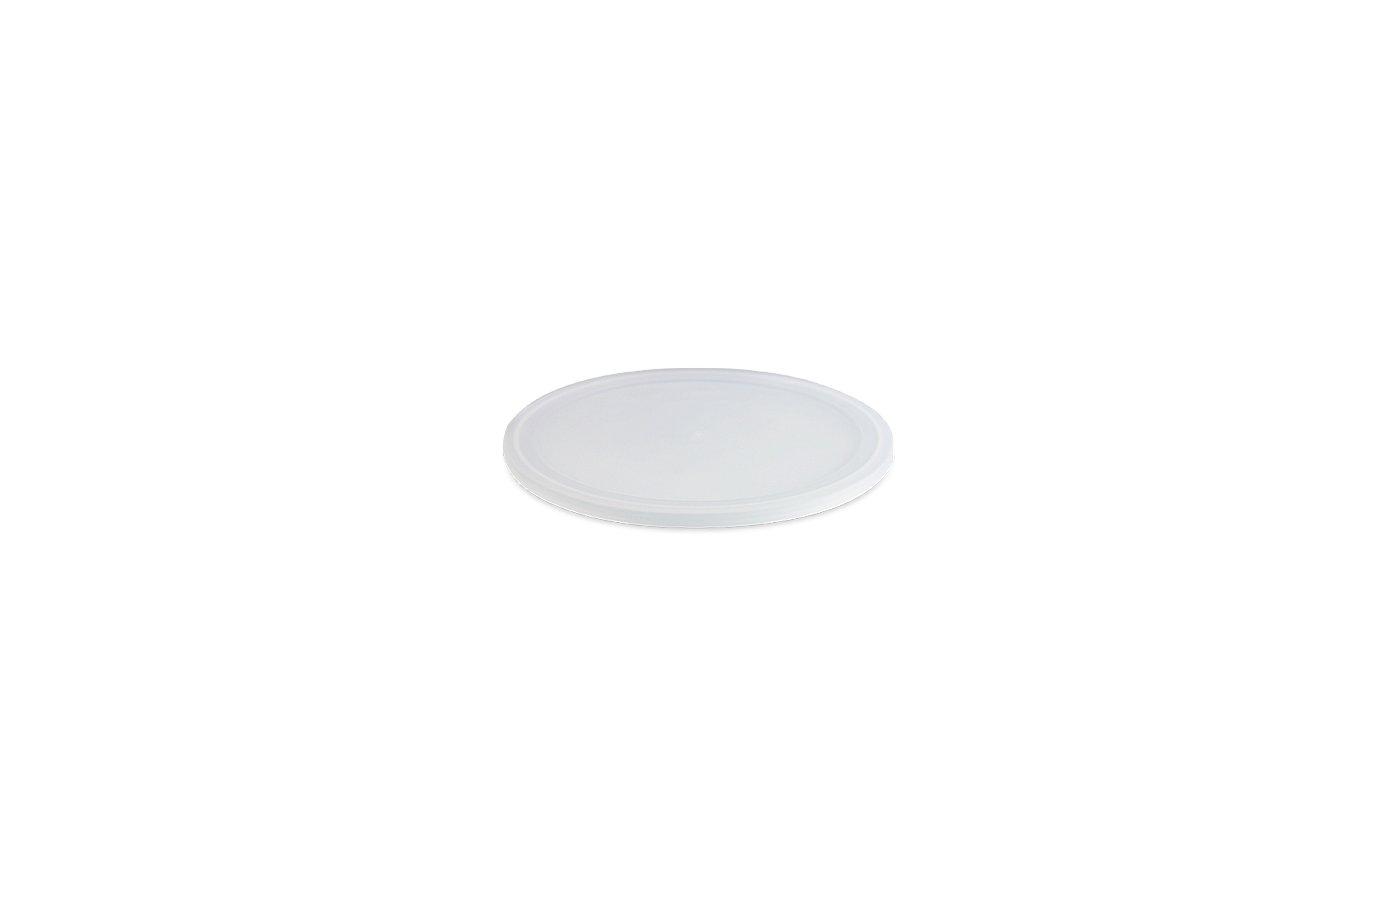 Принадлежности для мультиварок REDMOND RAM-PL-5 Крышка для чаши мультиварок